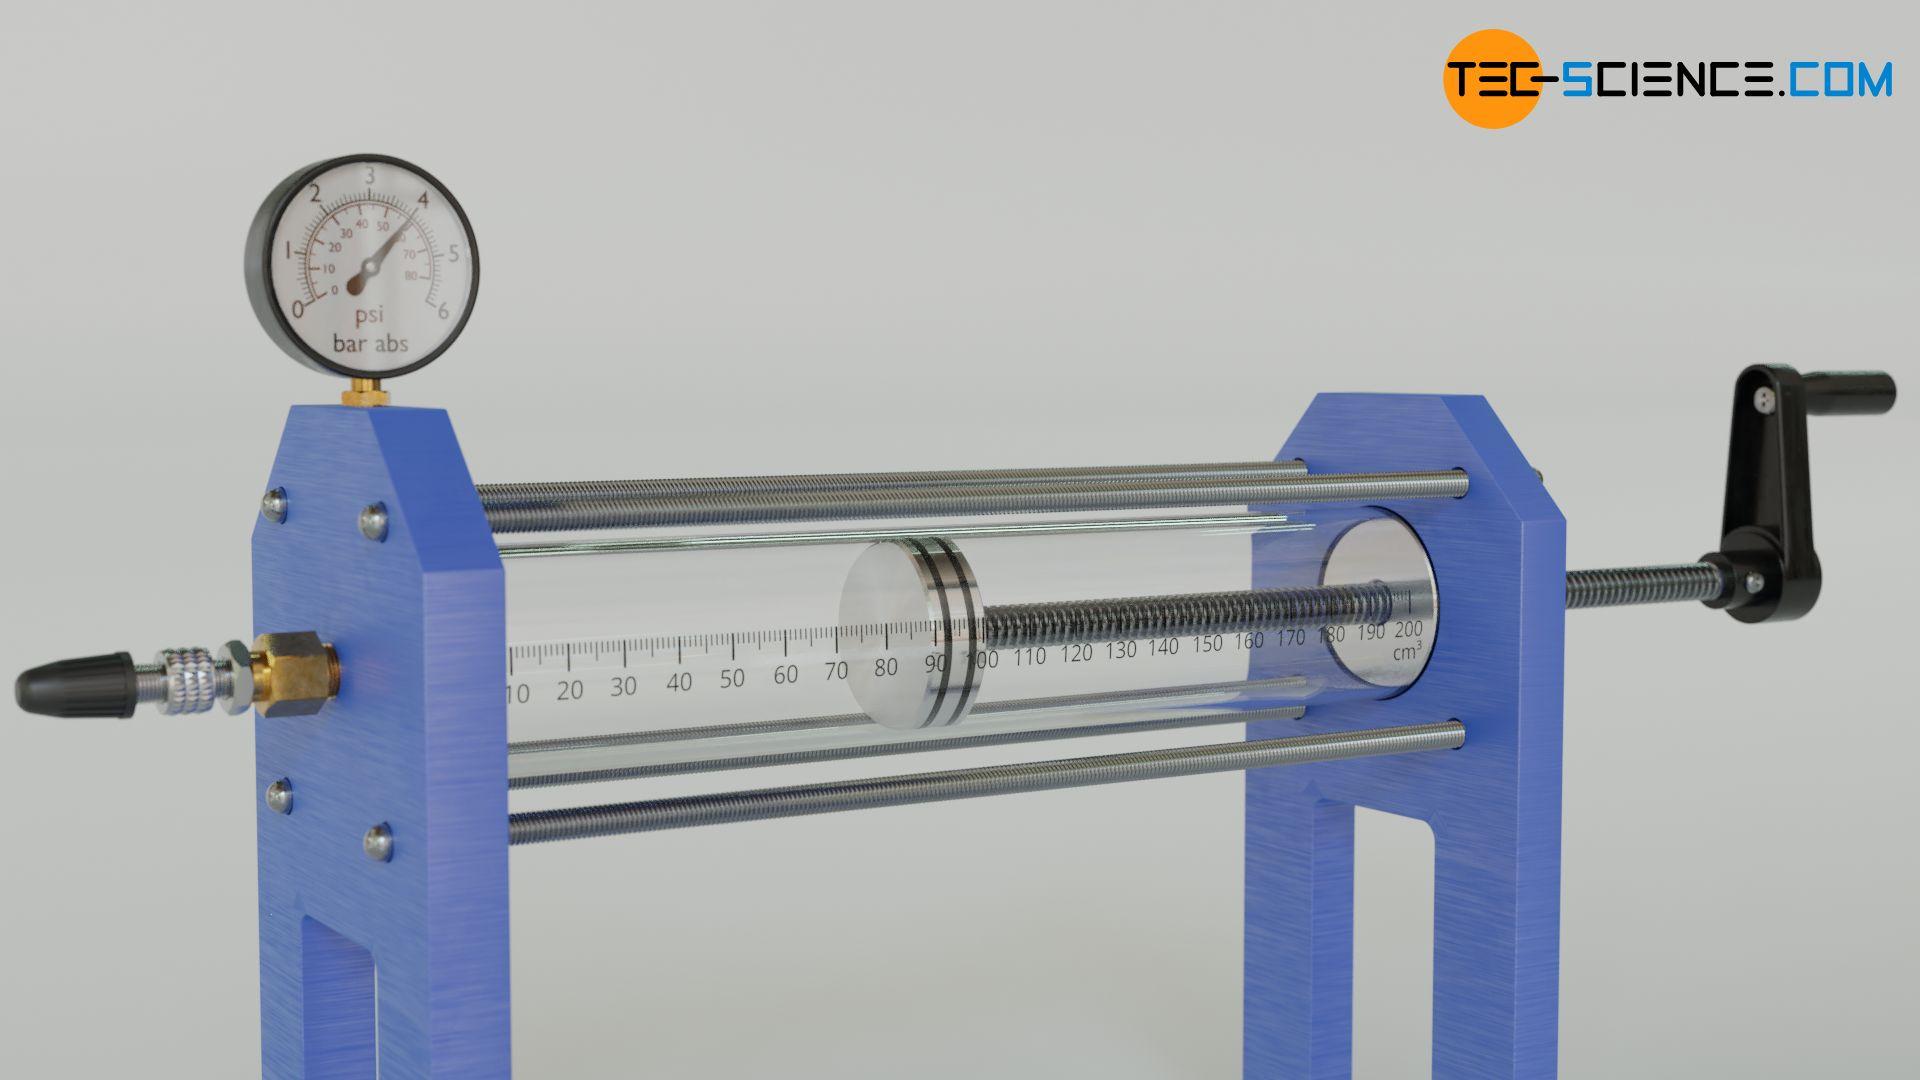 Versuchsaufbau zur Untersuchung der Einflussgrößen auf den Druck (thermische Zustandsgleichung)